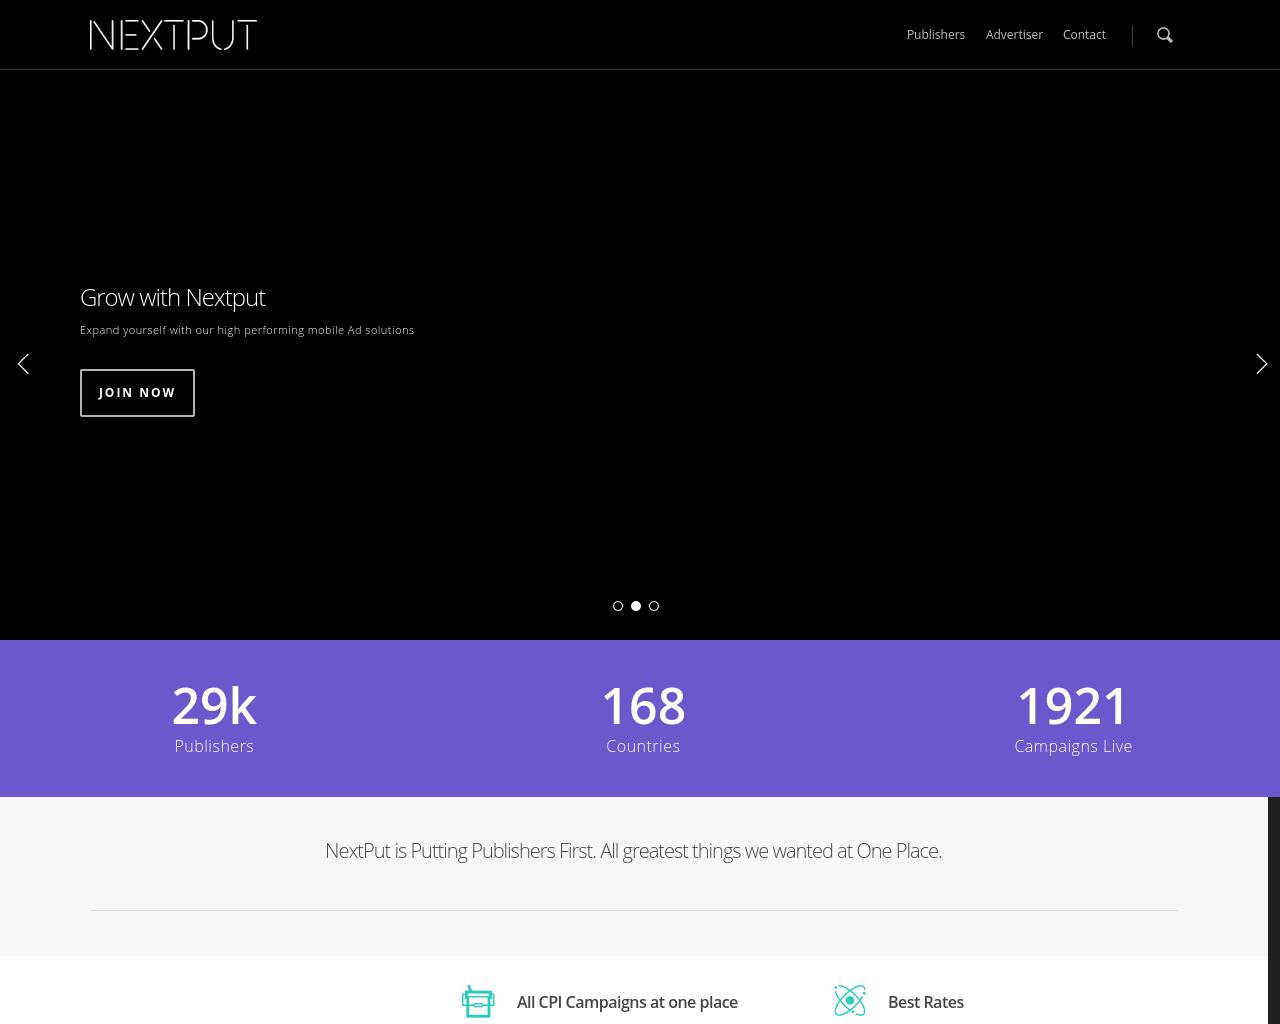 NextPut-Advertising-Reviews-Pricing